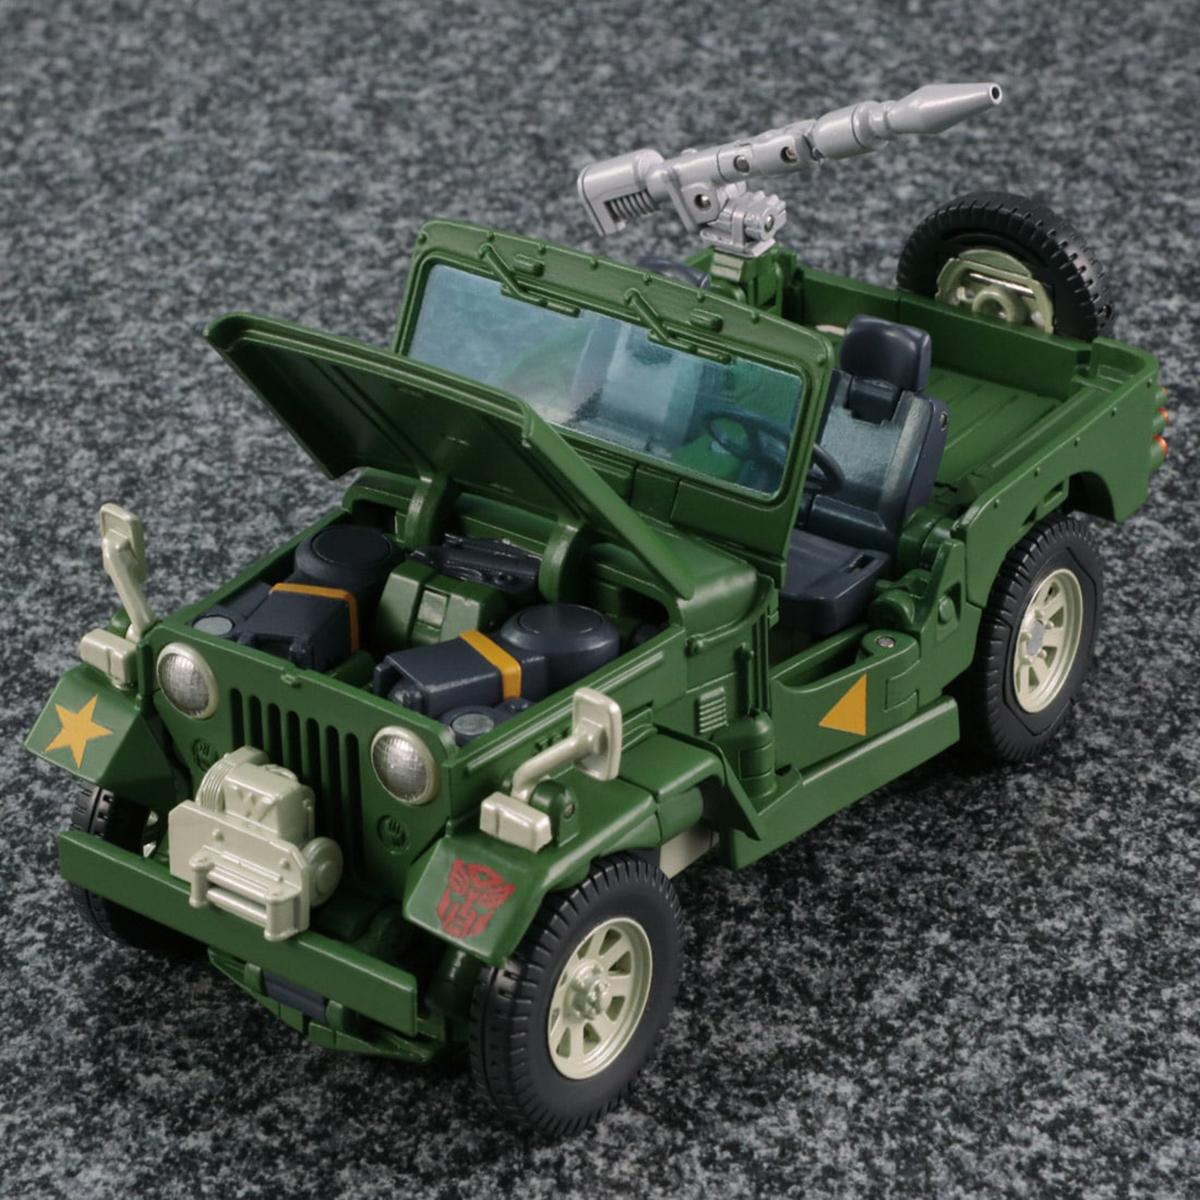 トランスフォーマー マスターピース『MP-47 ハウンド』可変可動フィギュア-007